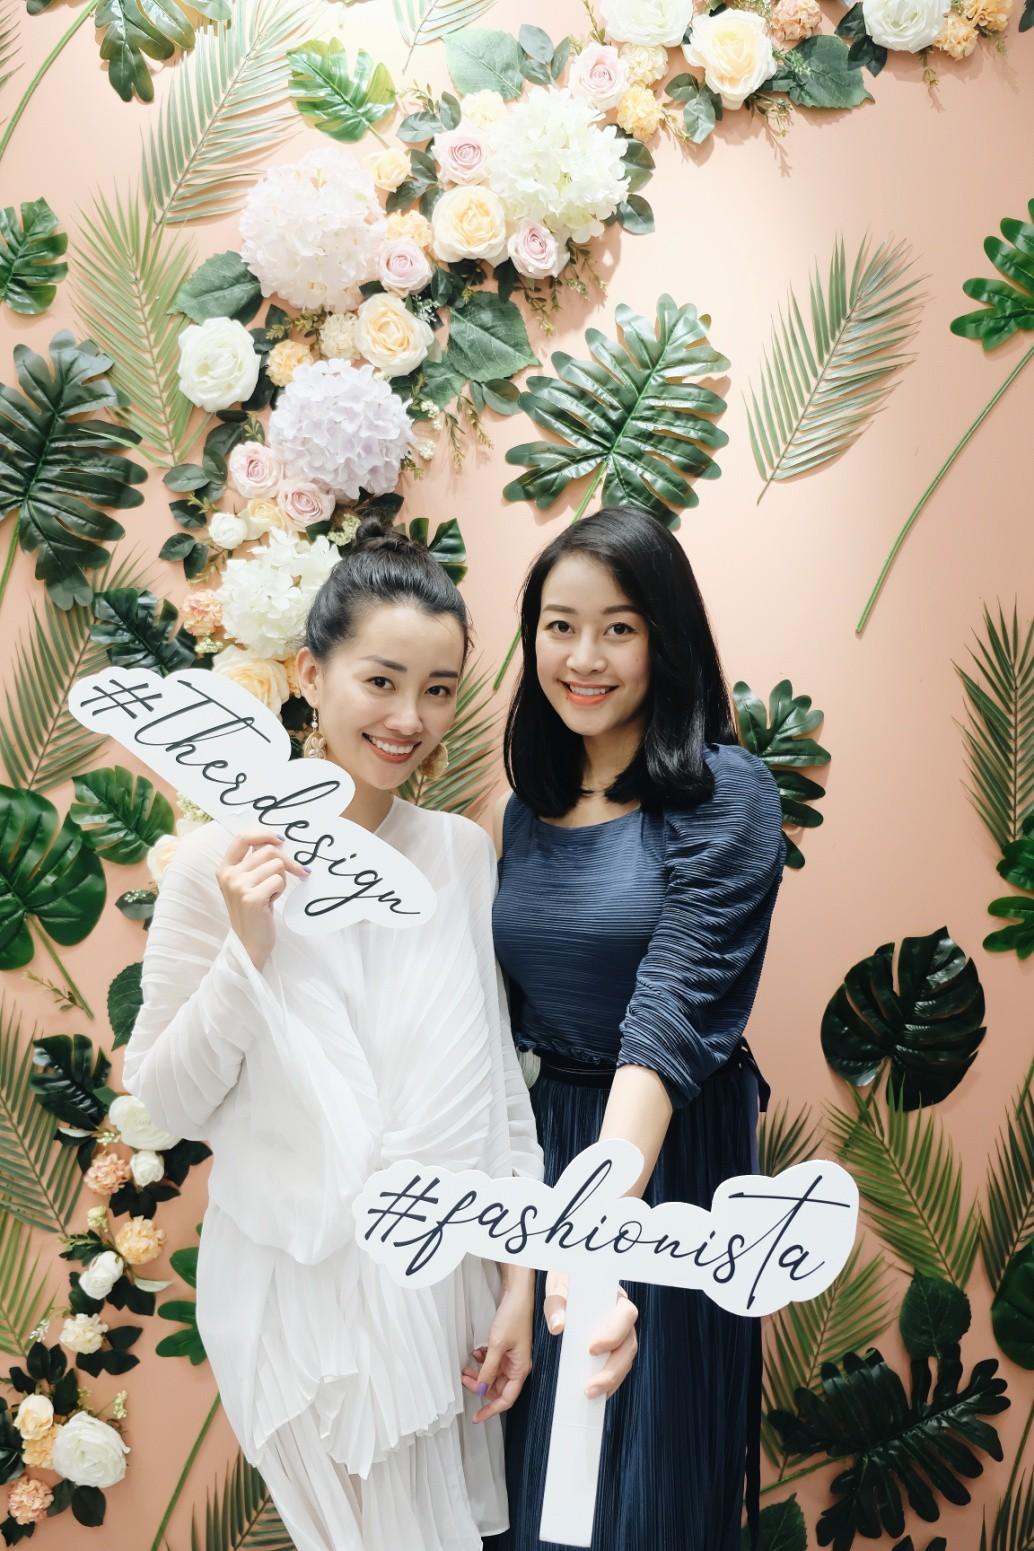 MC Quỳnh Chi ra mắt thương hiệu thời trang Ther Design - Ảnh 2.